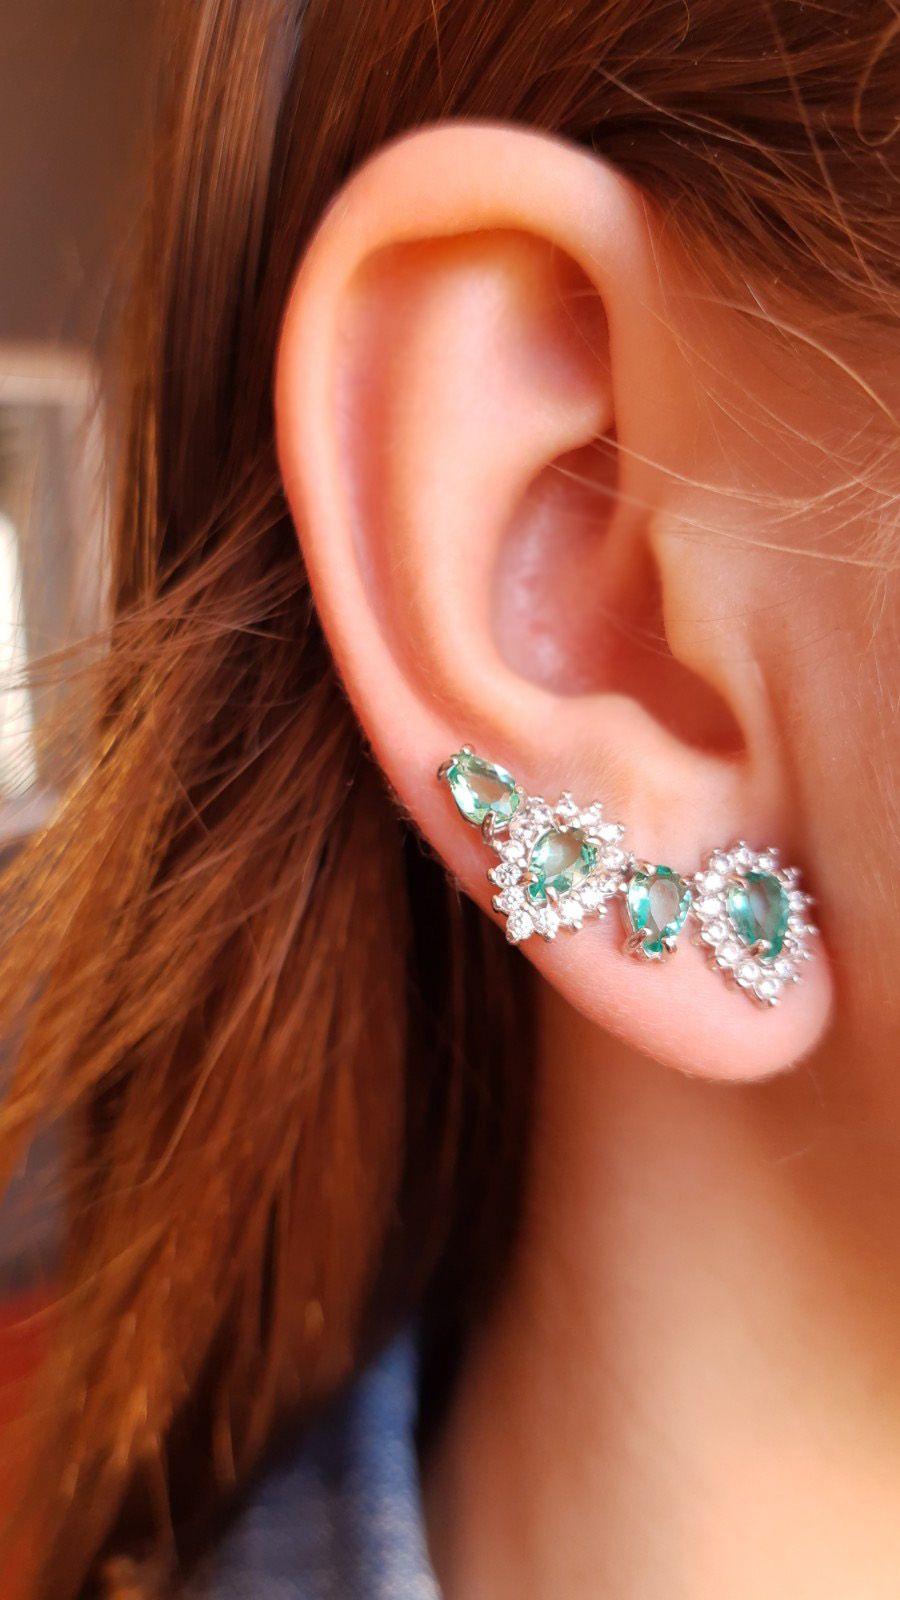 Ear cuff verde turmalina quatro gotas banhado ouro 18k e ródio branco